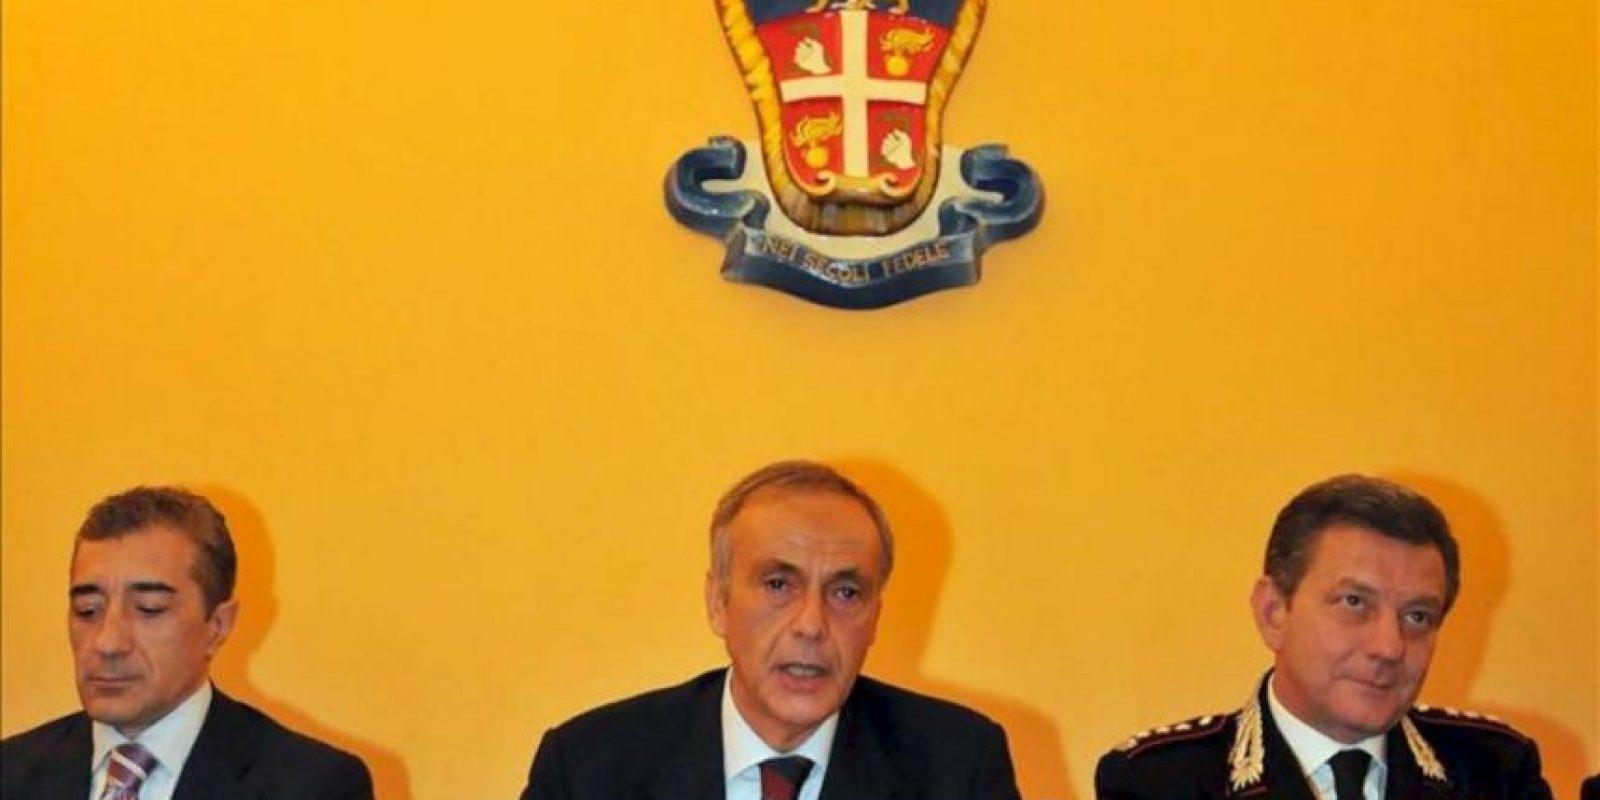 El fiscal jefe de Bari, Antonio Laudati (c); el fiscal Cyrus Angelillis (i) y el comandante provincial de los Carabineros, Aldo Iacobelli (d), durante una rueda de prensa en el cuartel de los Carabineros en Bari (Italia) hoy tras la detención del futbolista Andrea Masiello en relación con una supuesta red de amaño de partidos. EFE